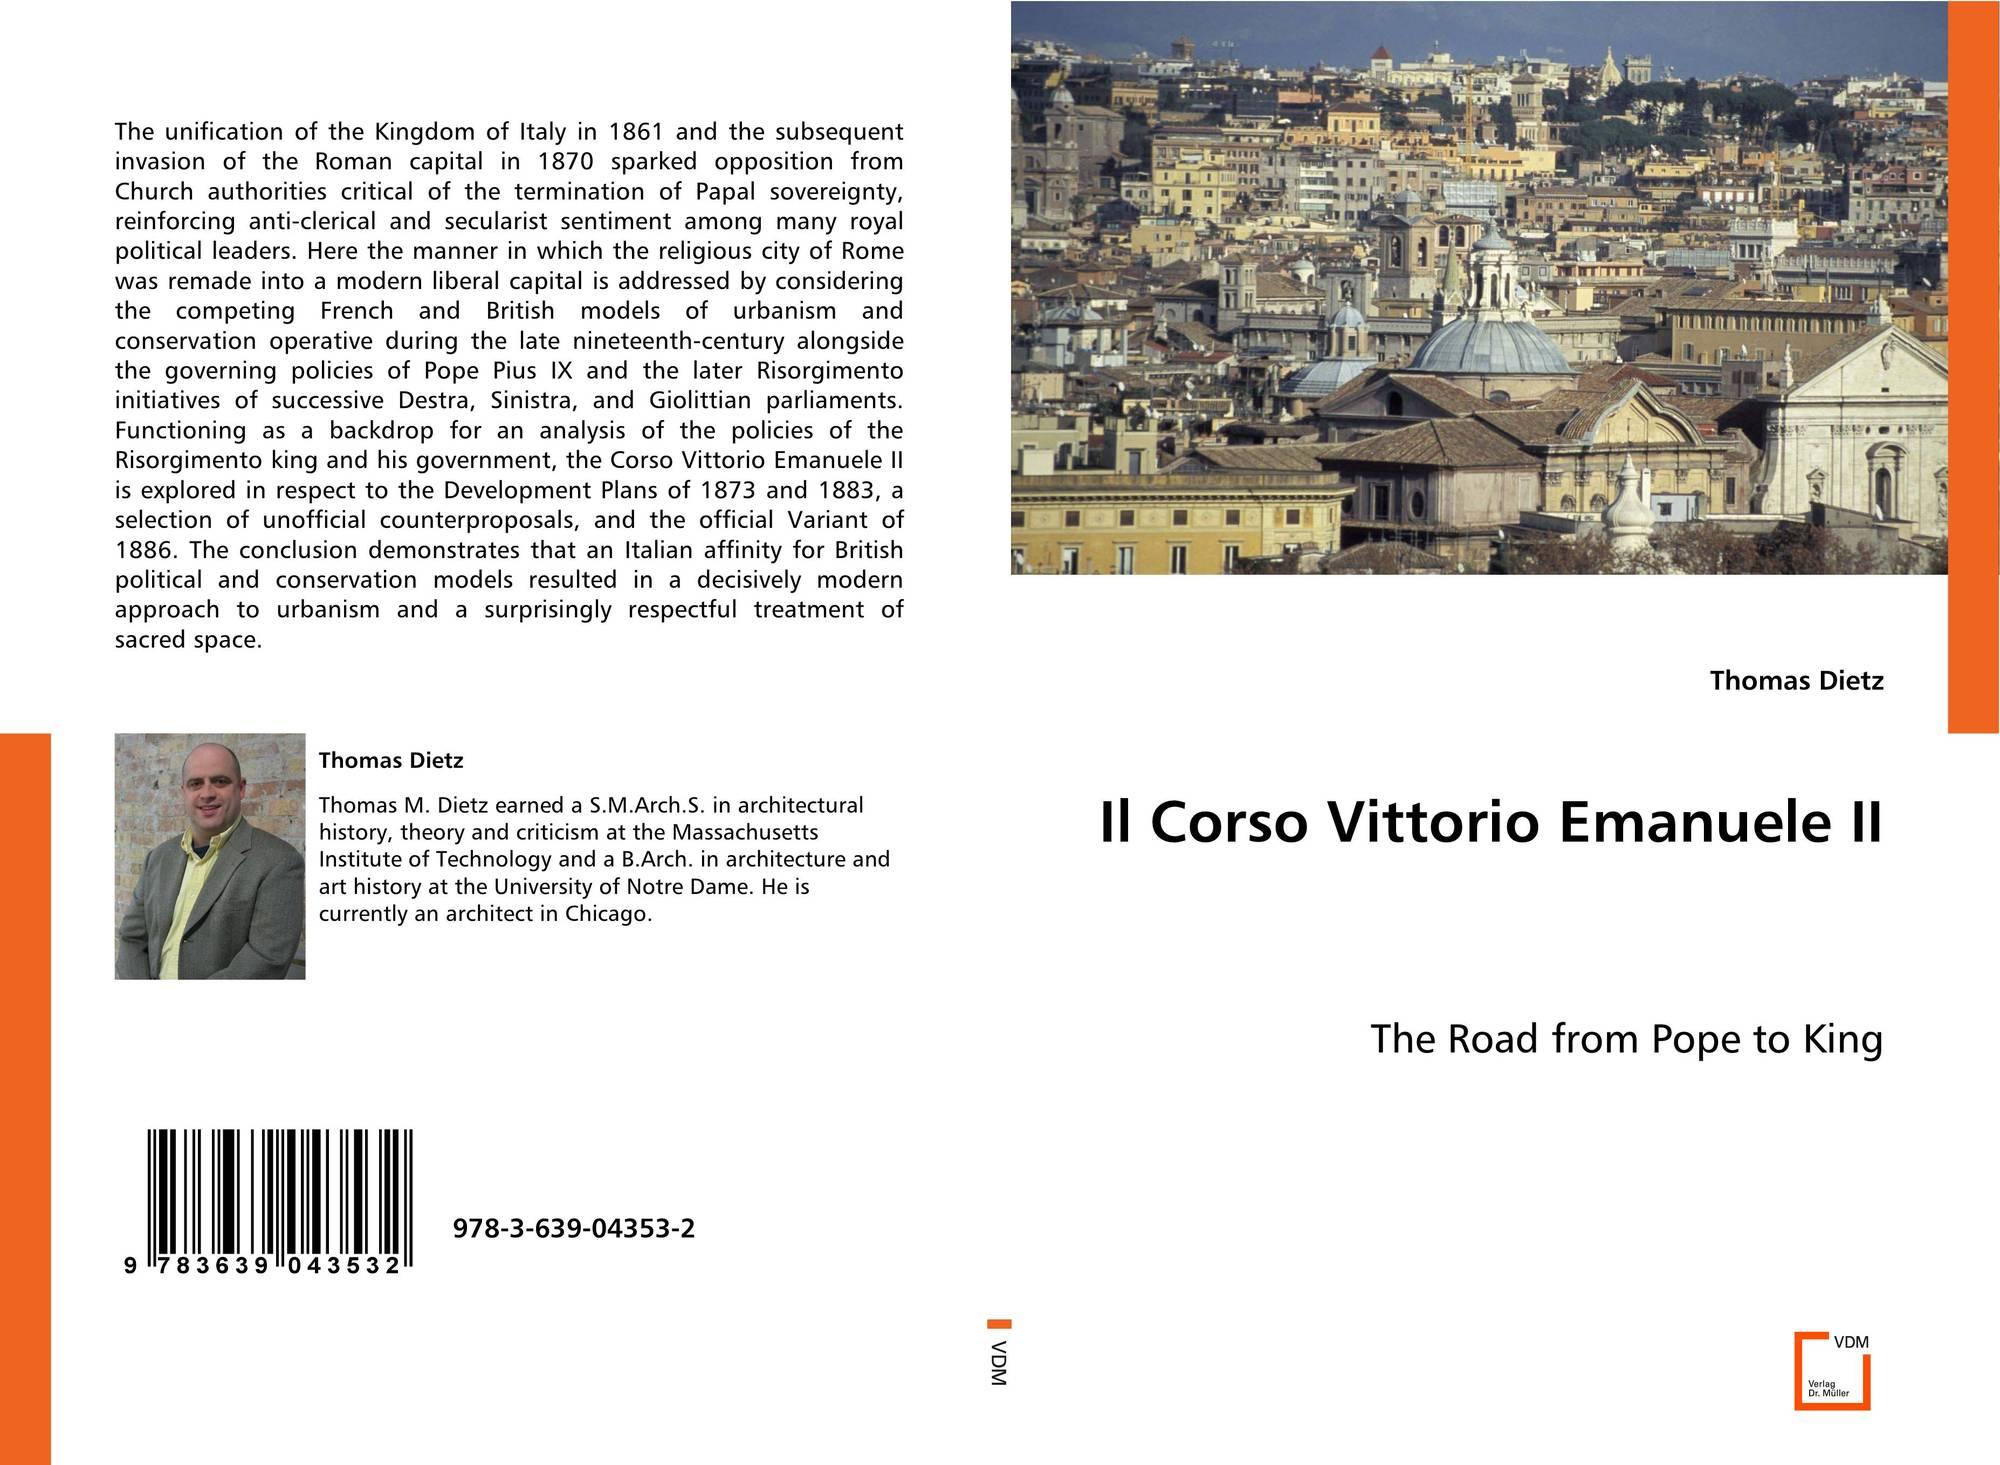 Il Corso Vittorio Emanuele II, 978-3-639-04353-2, 3639043537 ... 9d7ef1362f